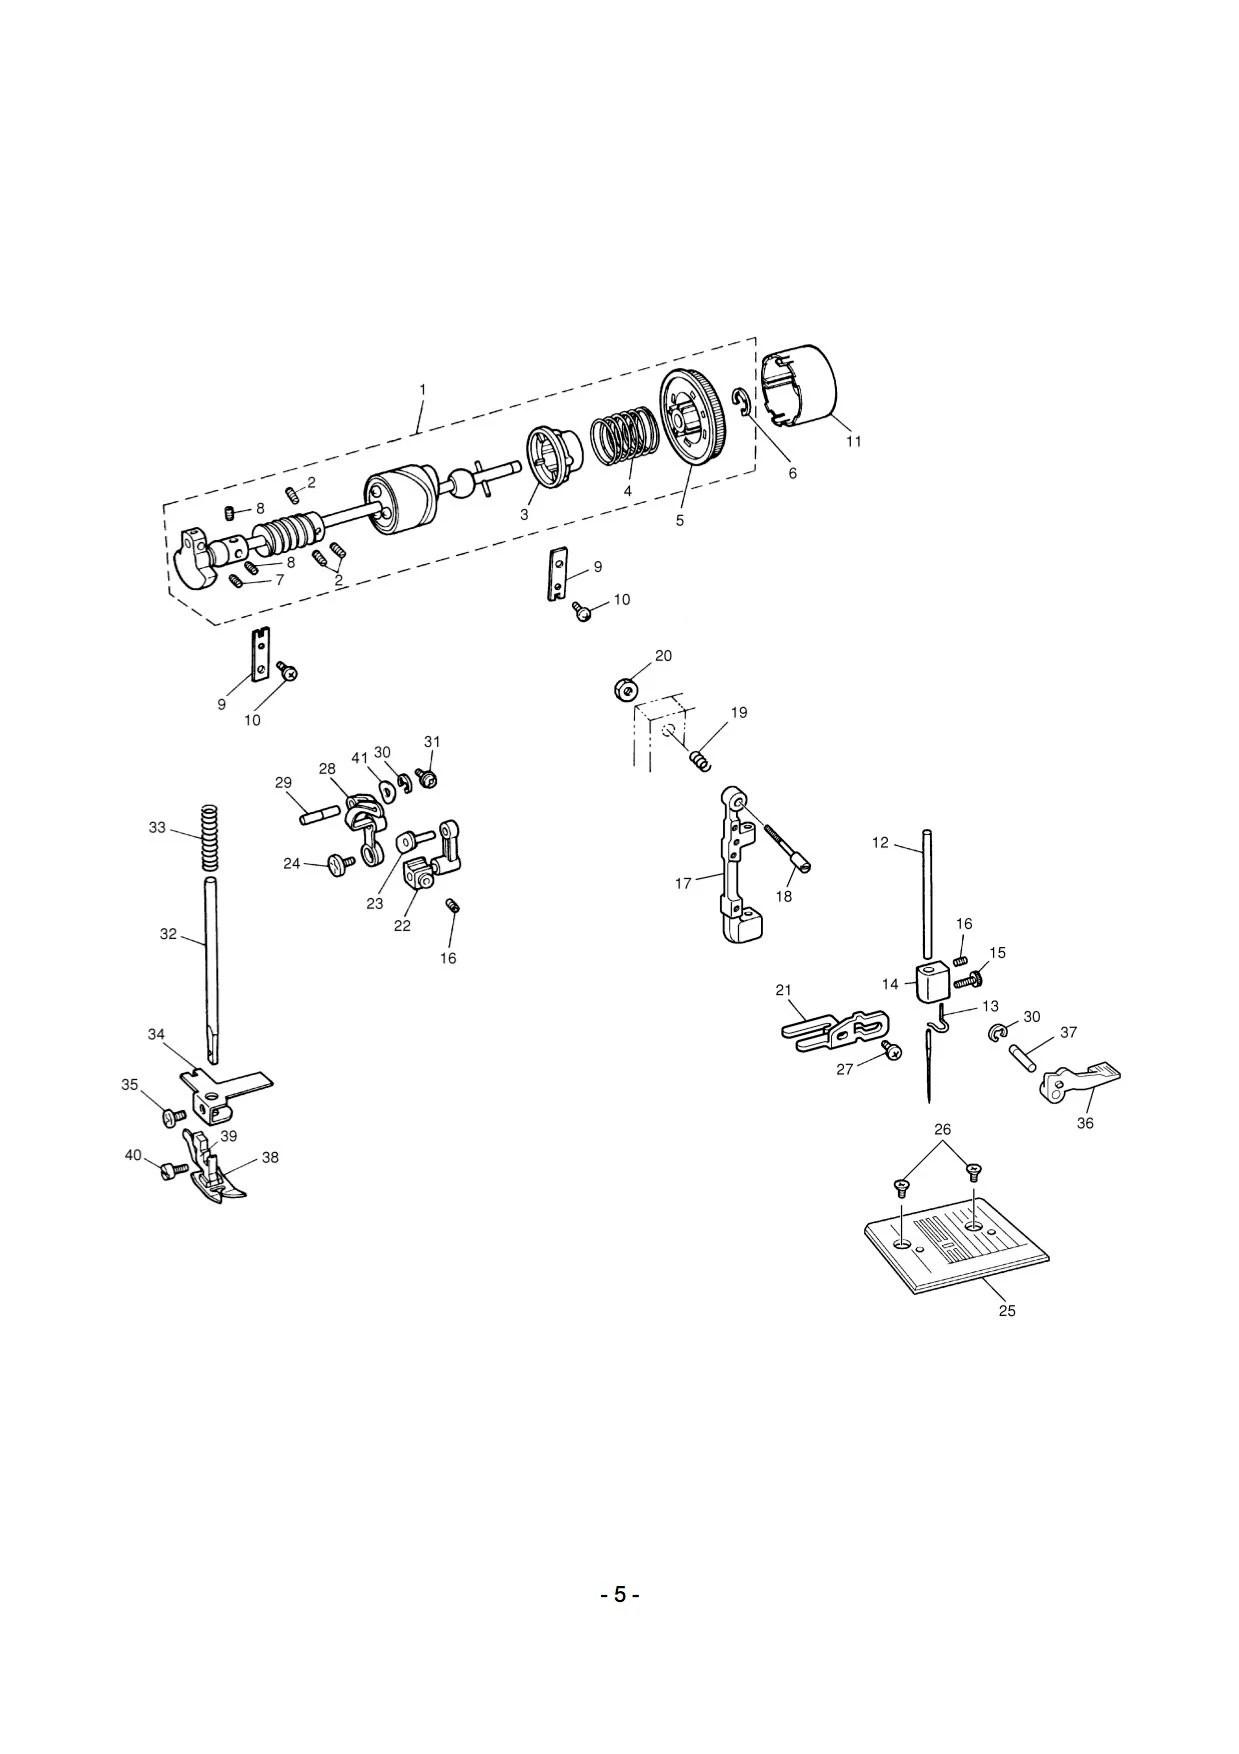 Brother Ls-2129 LS-2920 LS-2825 Service / Repair manual